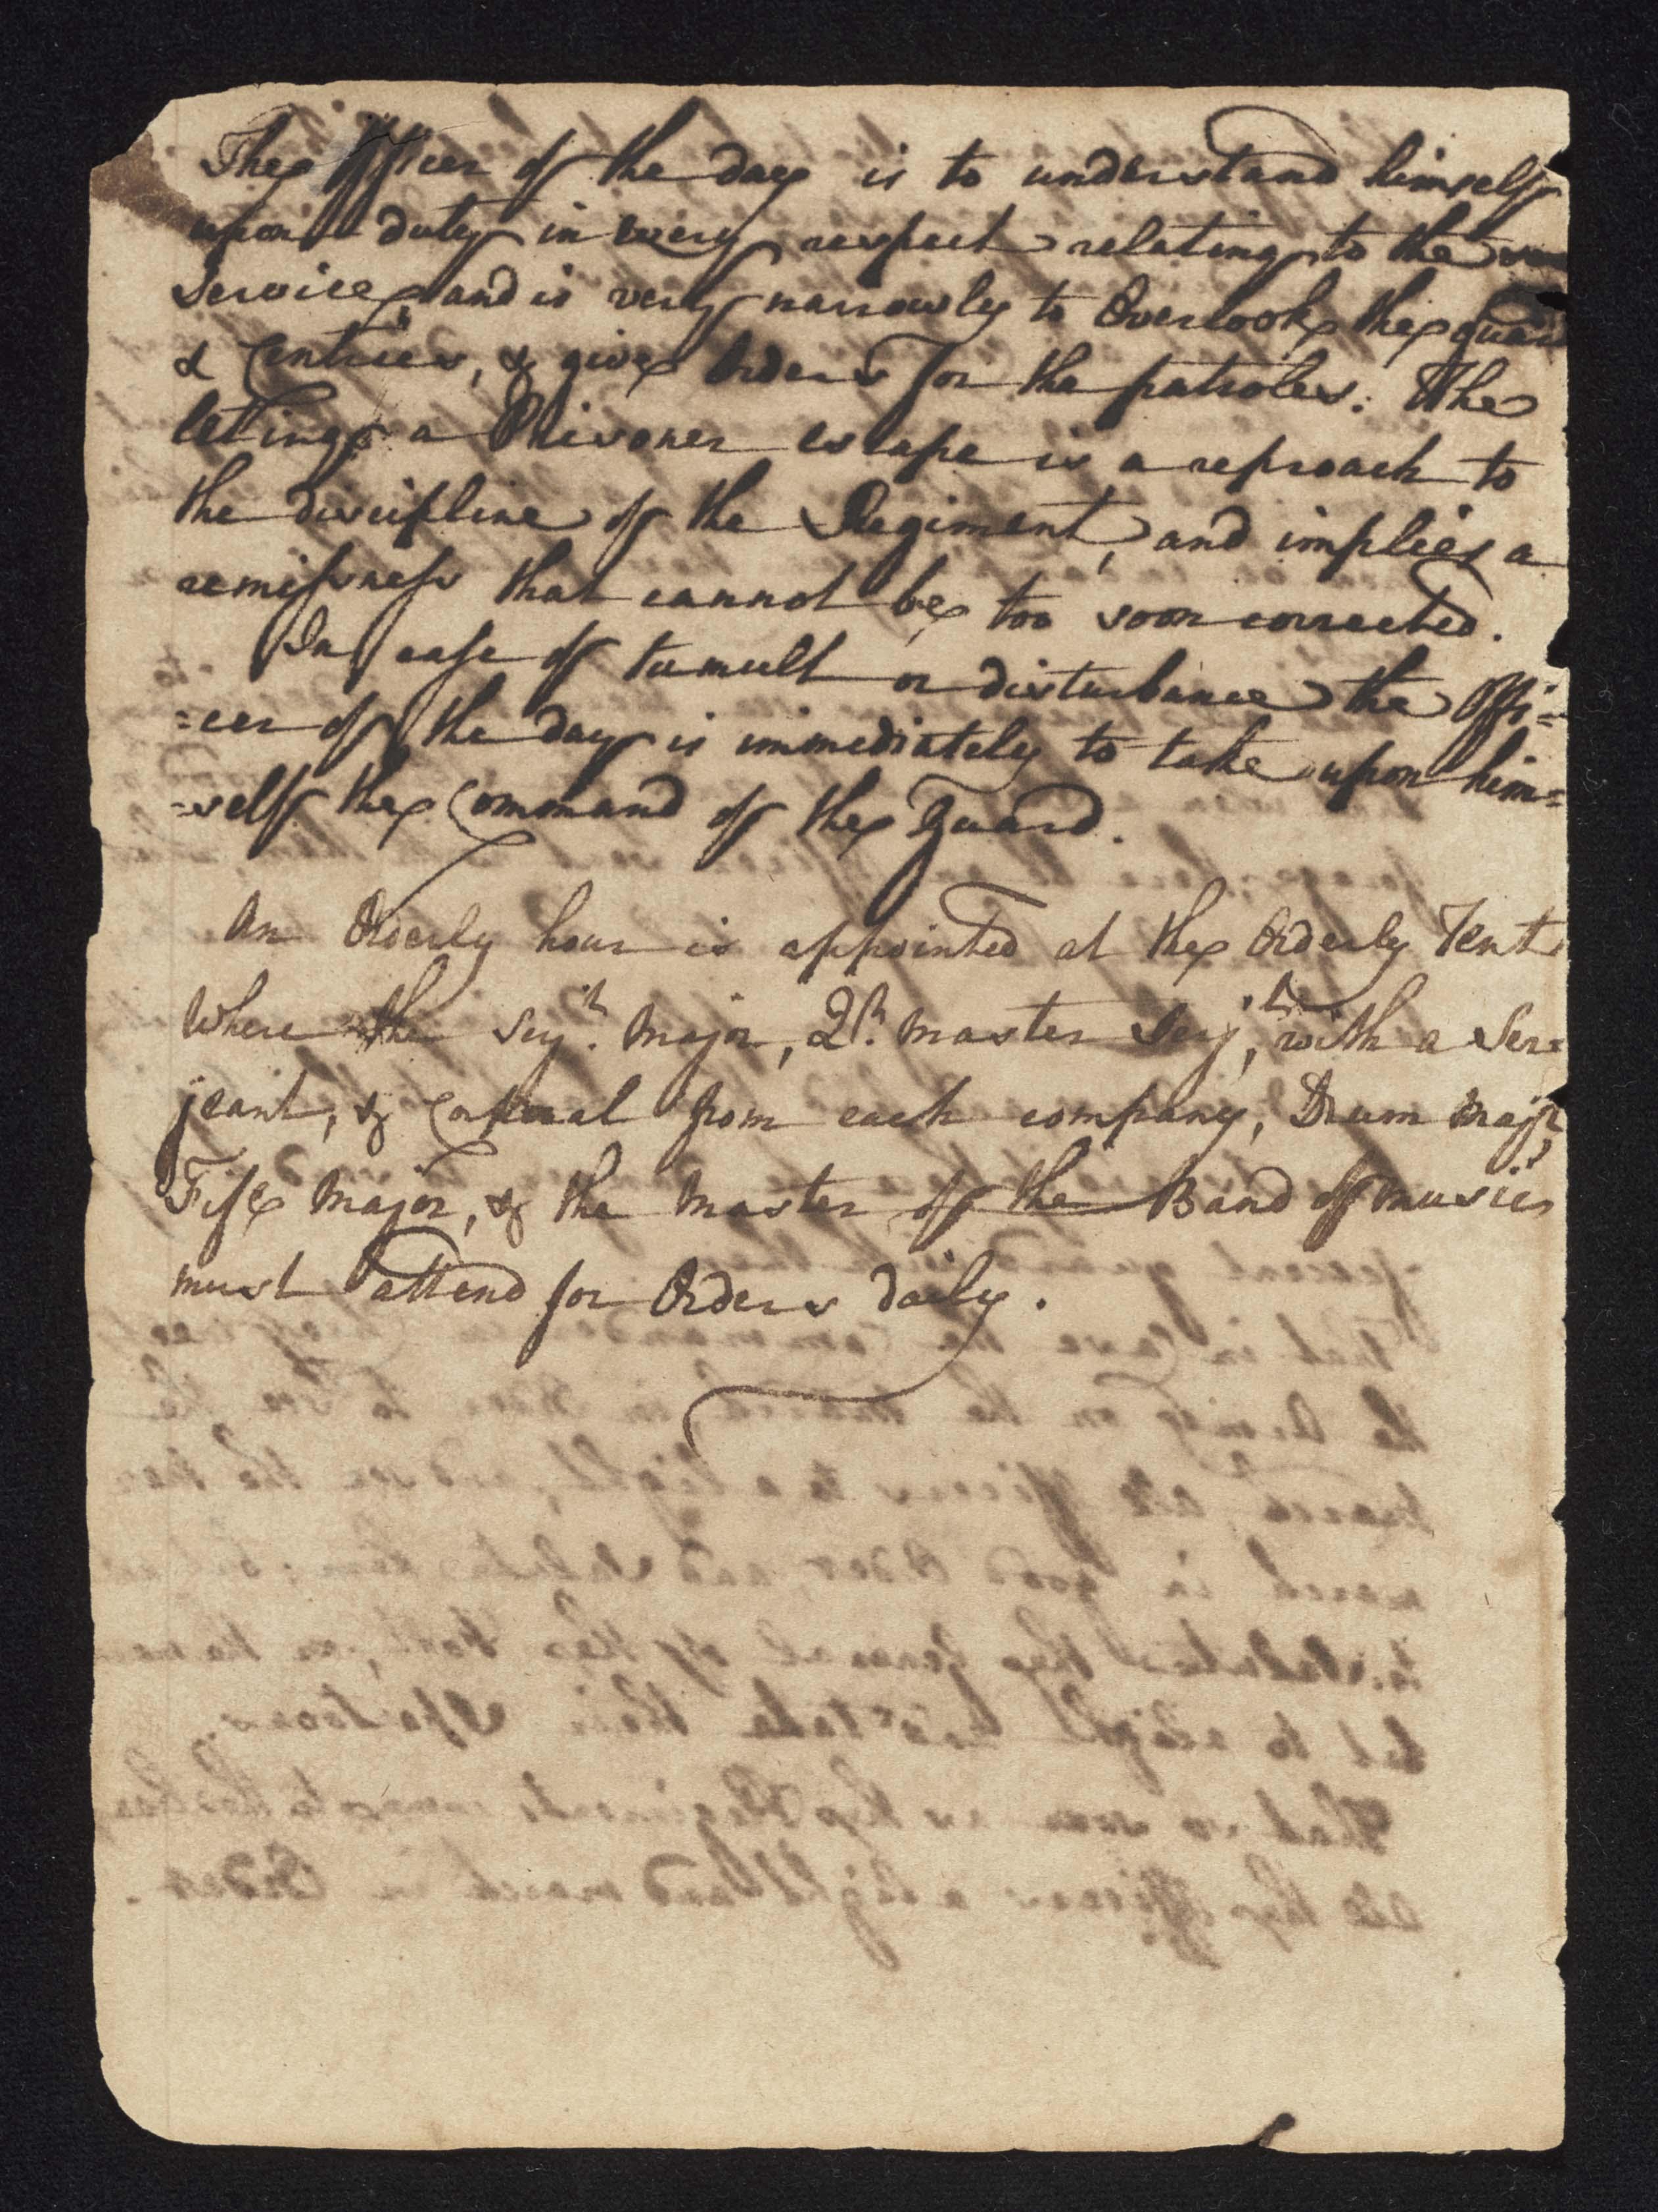 South Carolina Regiment Order Book, Page 8